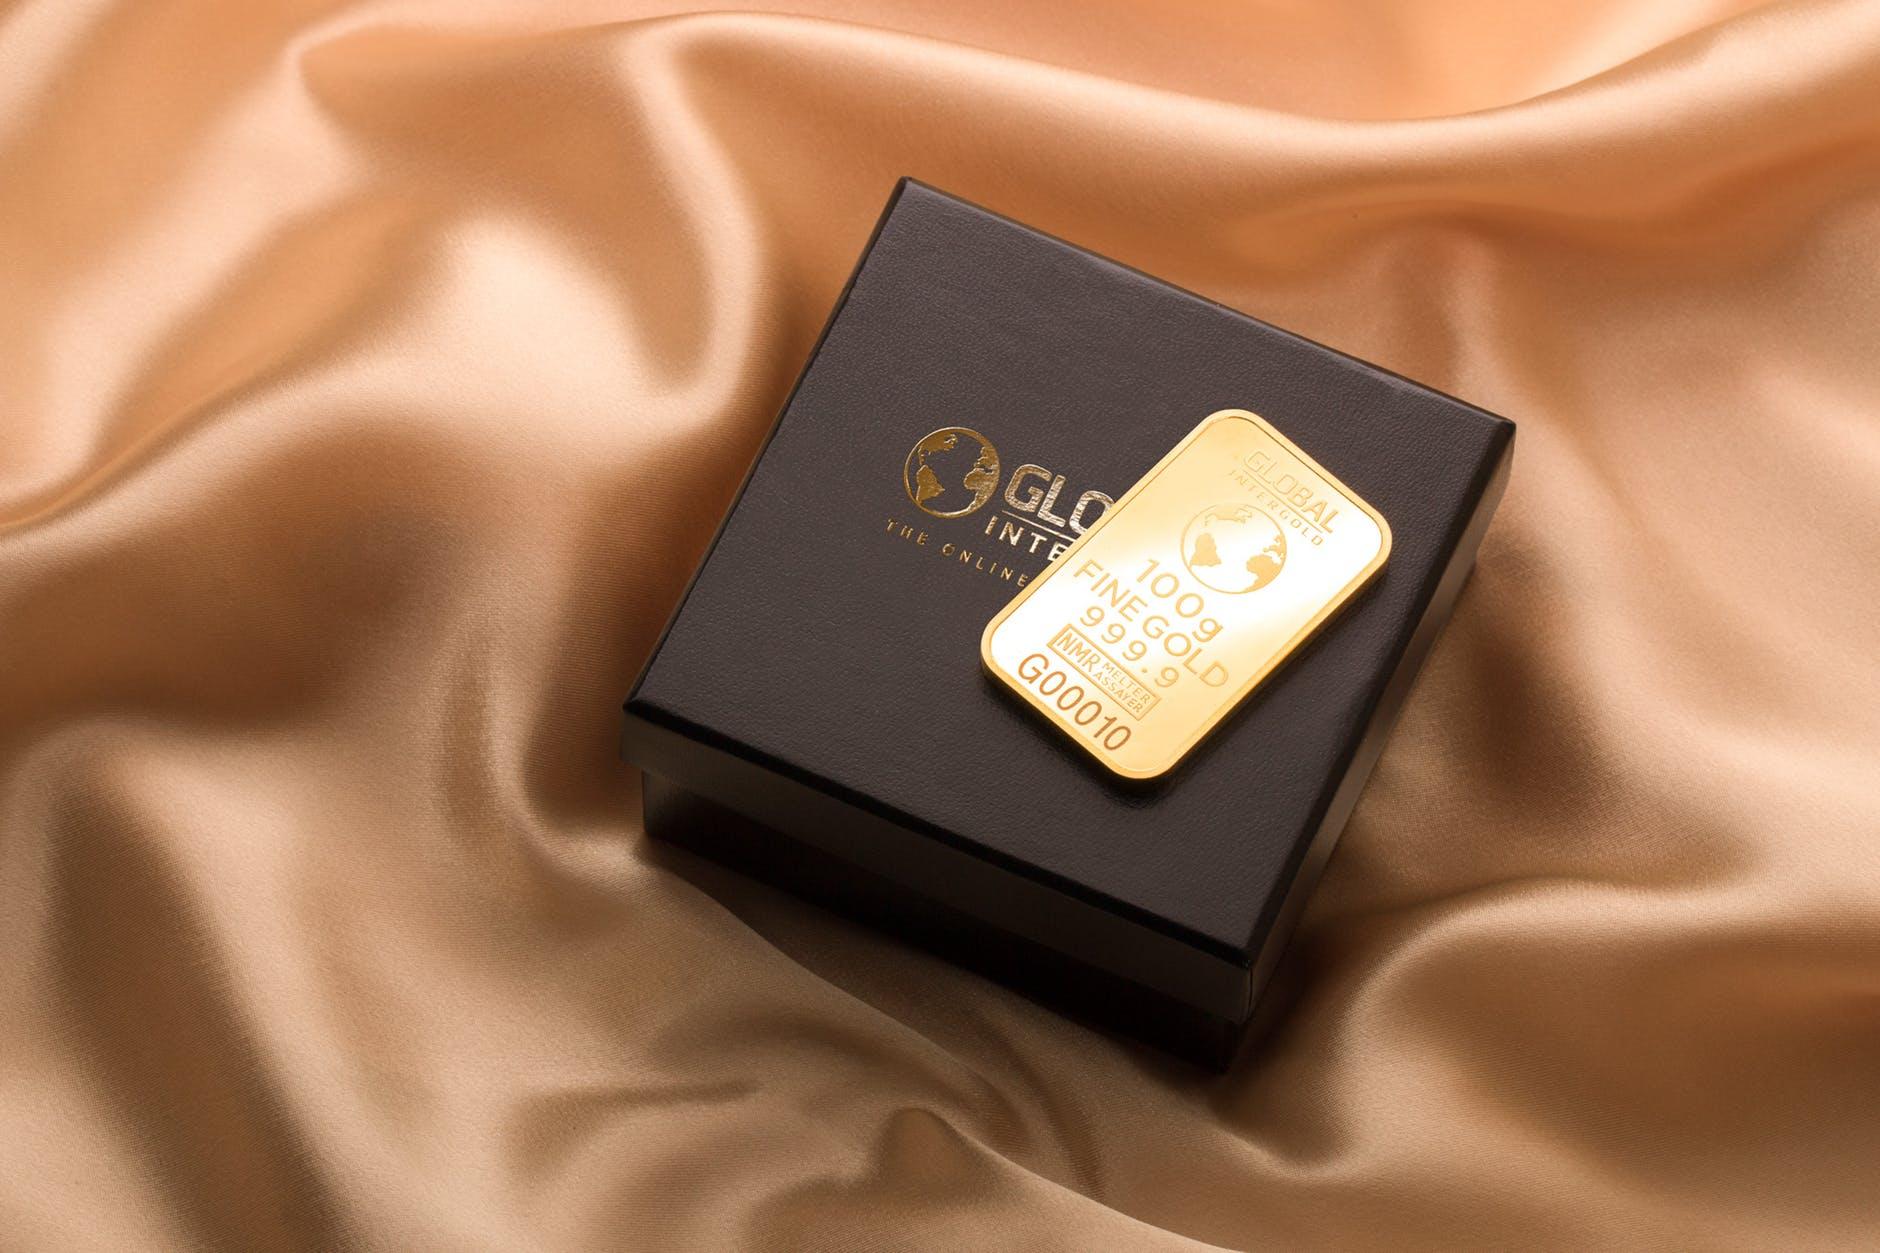 Ini Faktor-faktor yang Pengaruhi Harga Emas 24 Karat